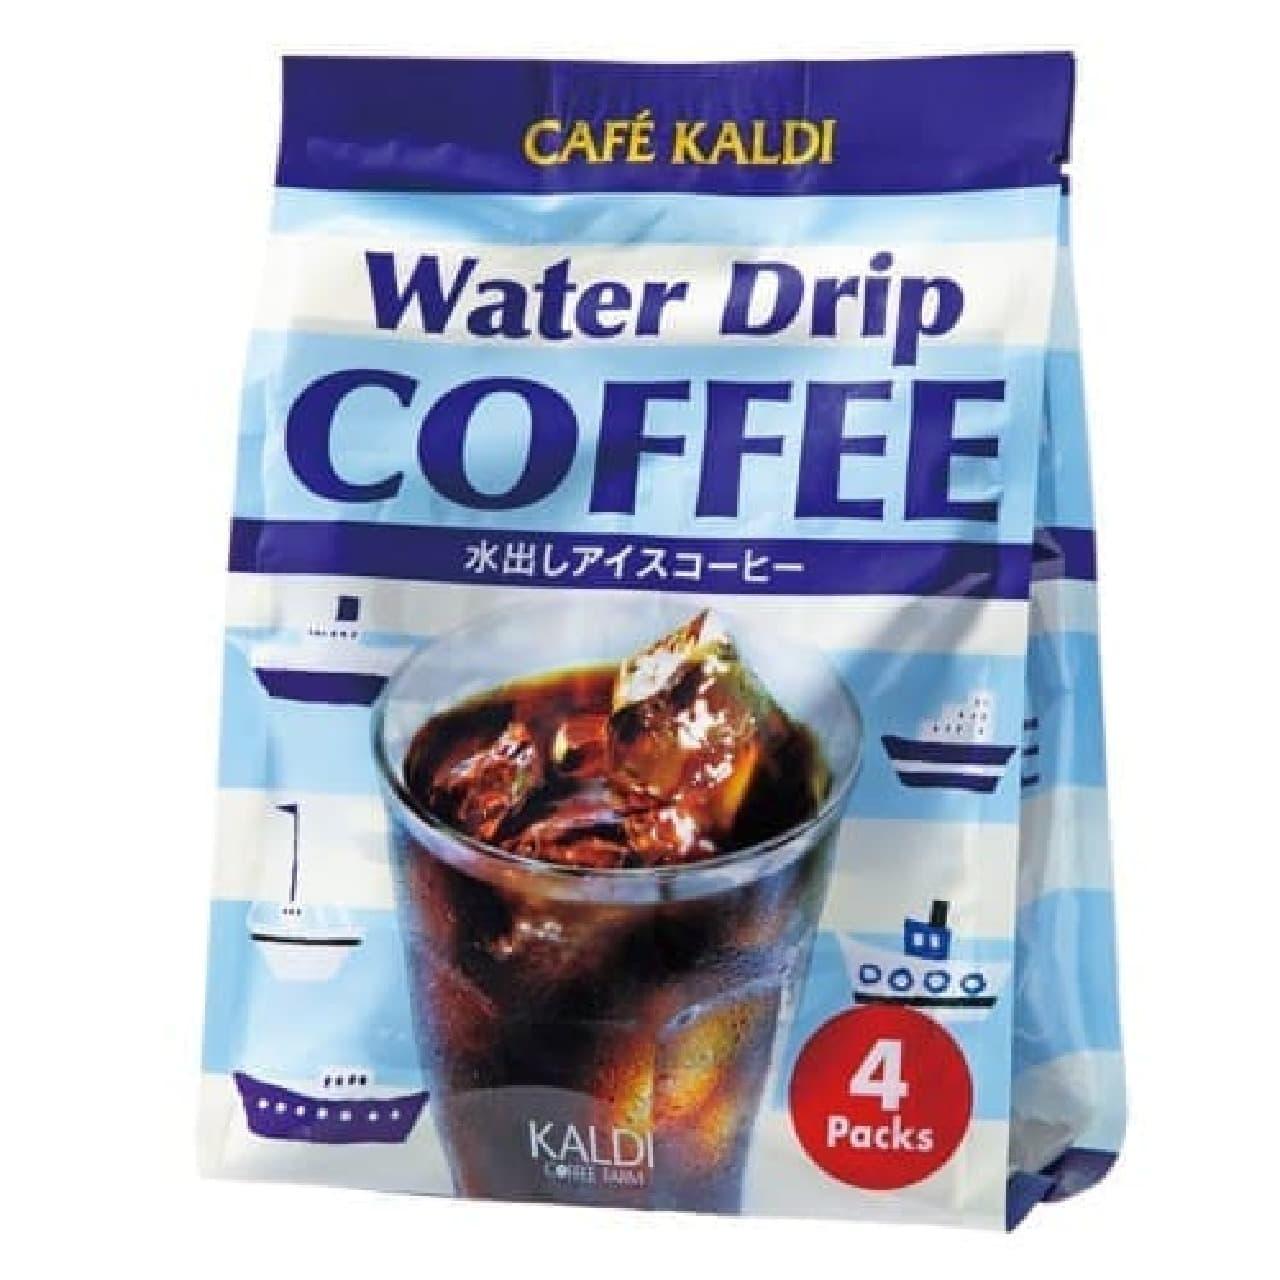 カルディ「ウォータードリップコーヒー&オリジナル フリーボトルセット」